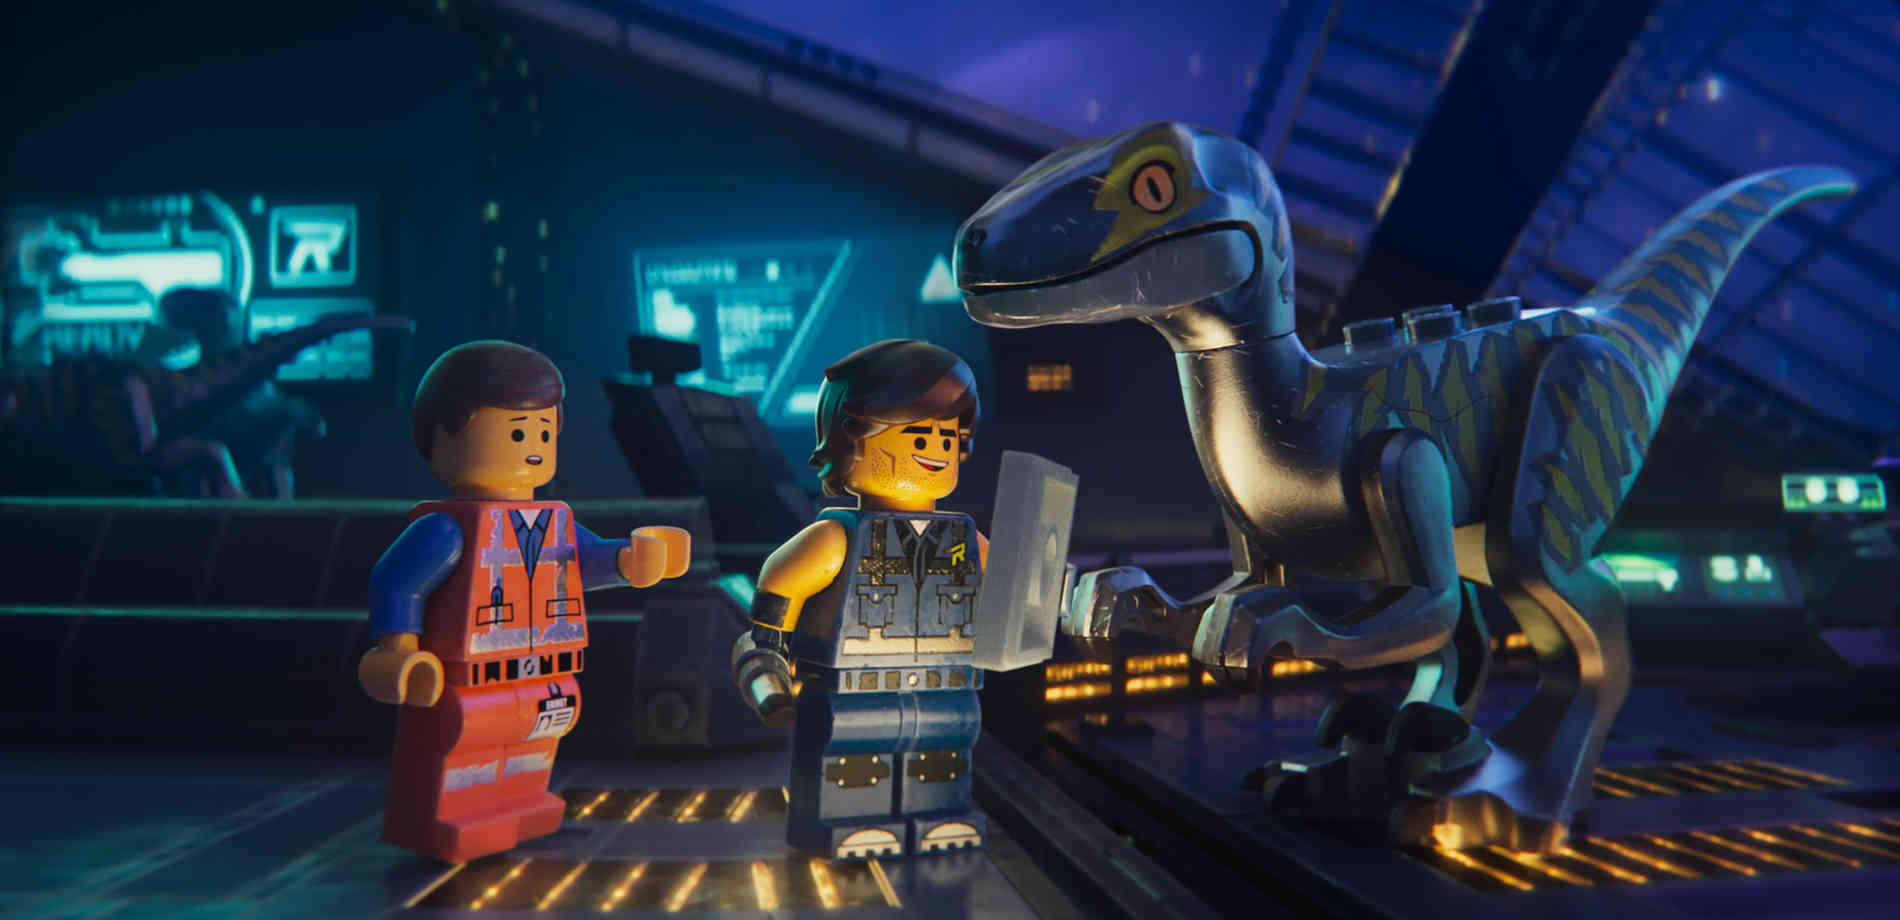 Emmet Muss Wieder Die Steine Welt Retten The Lego Movie 2 Setzt